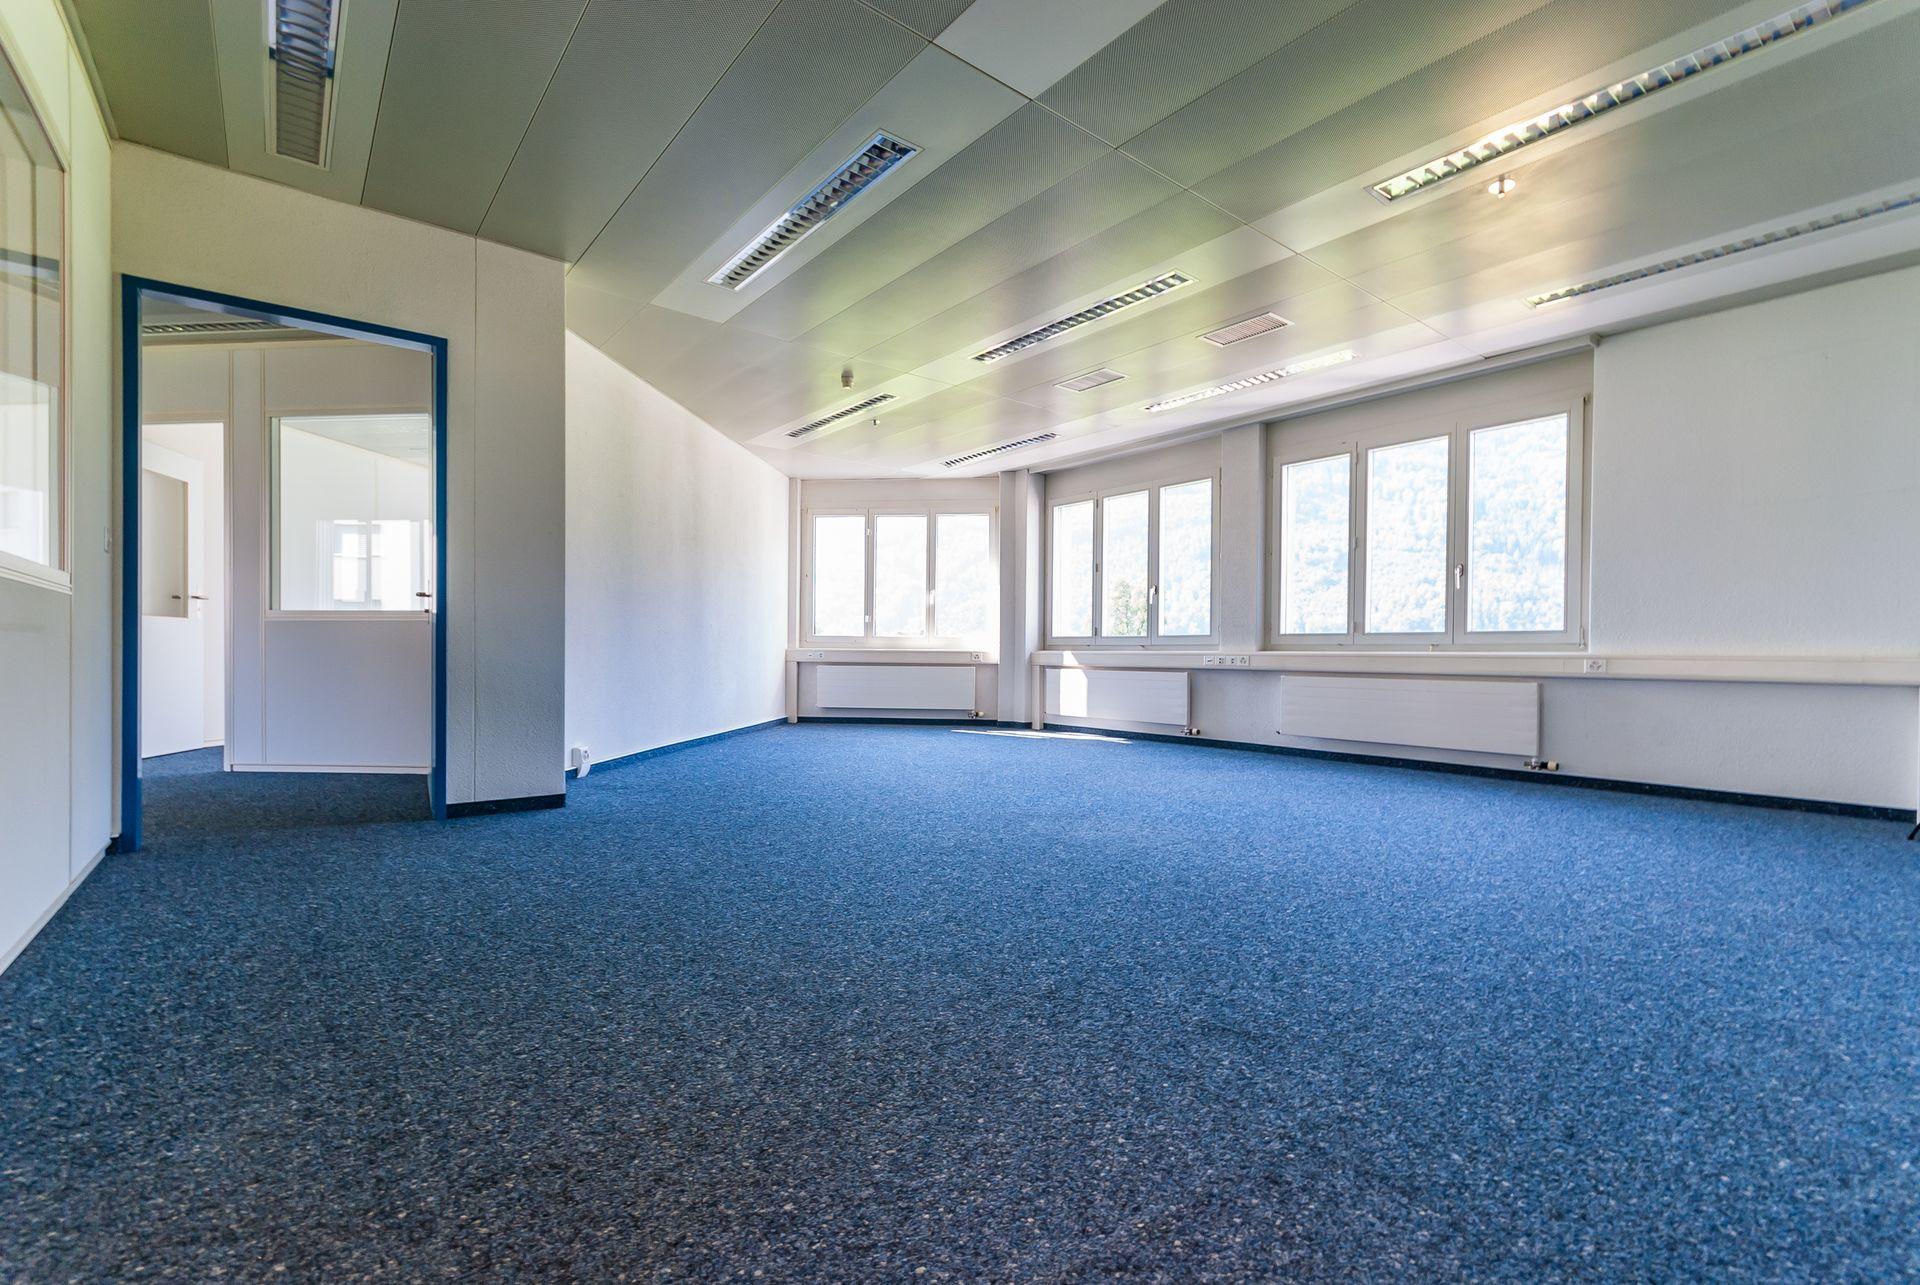 Miete: helle Büro- und Praxisräume an zentraler Lage